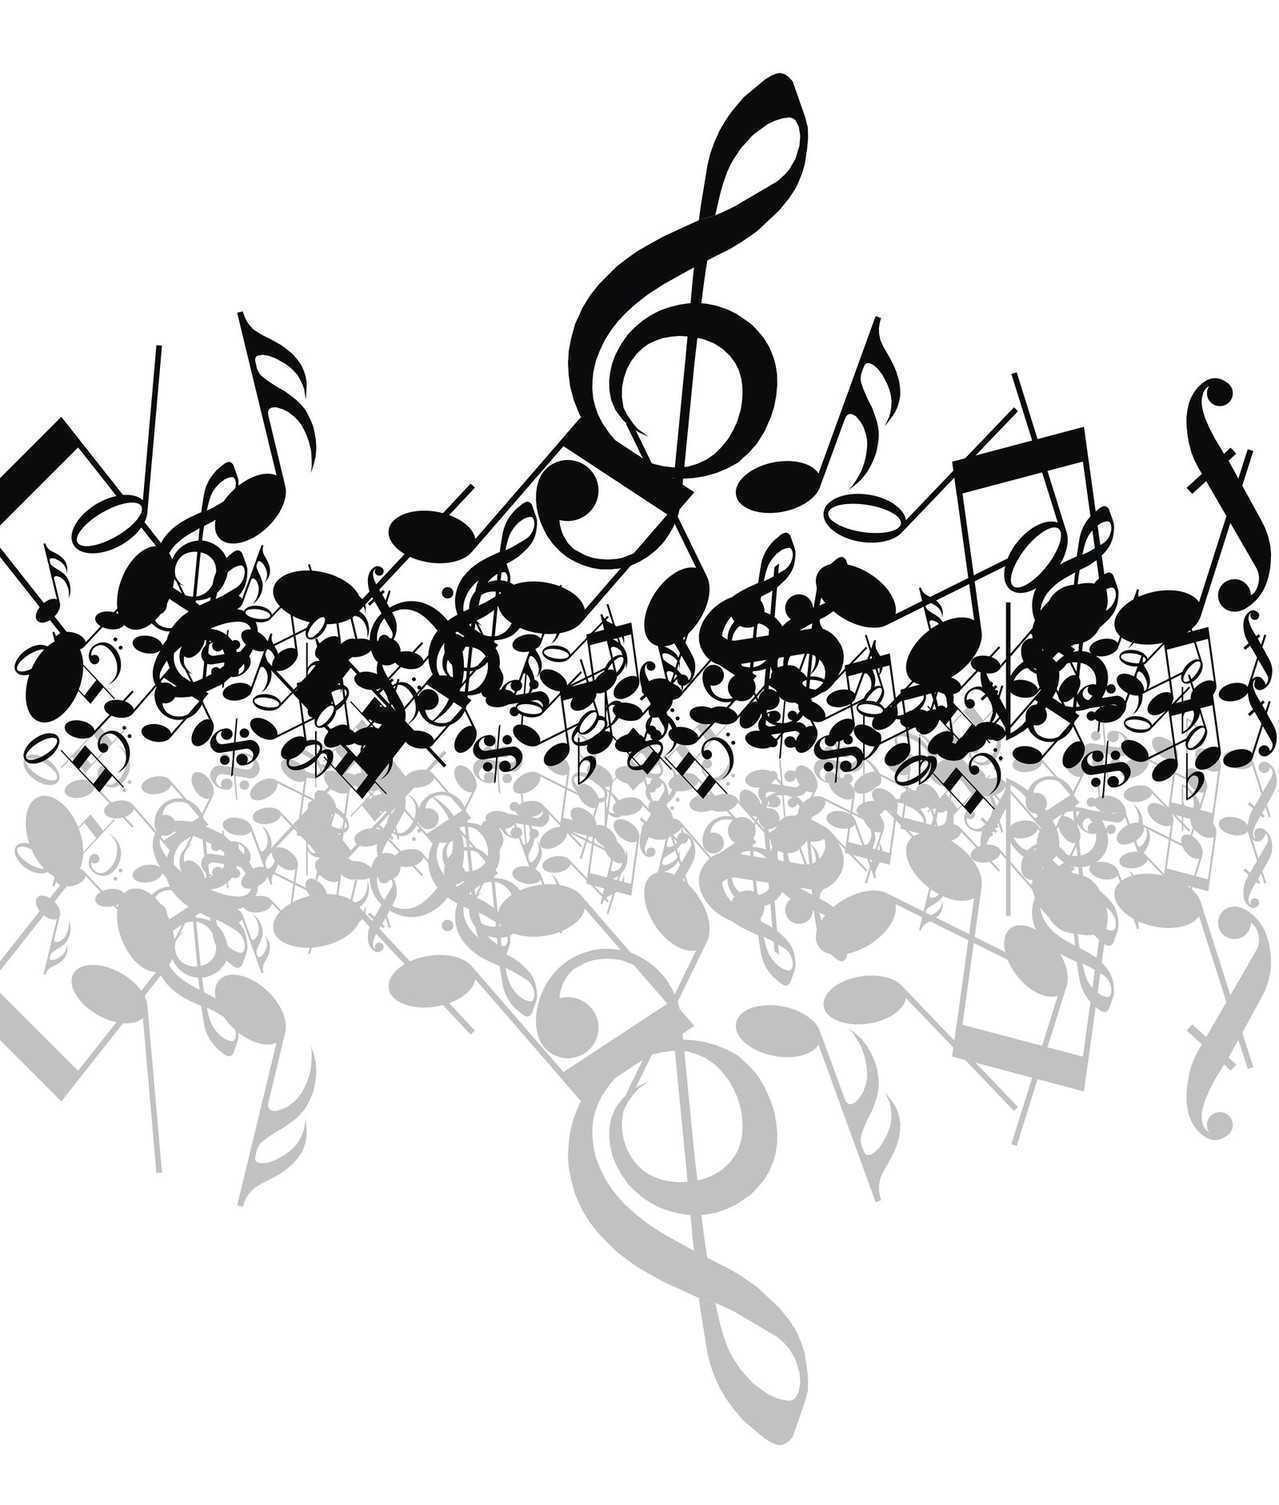 1279x1505 Making Sense Of Musical Genres